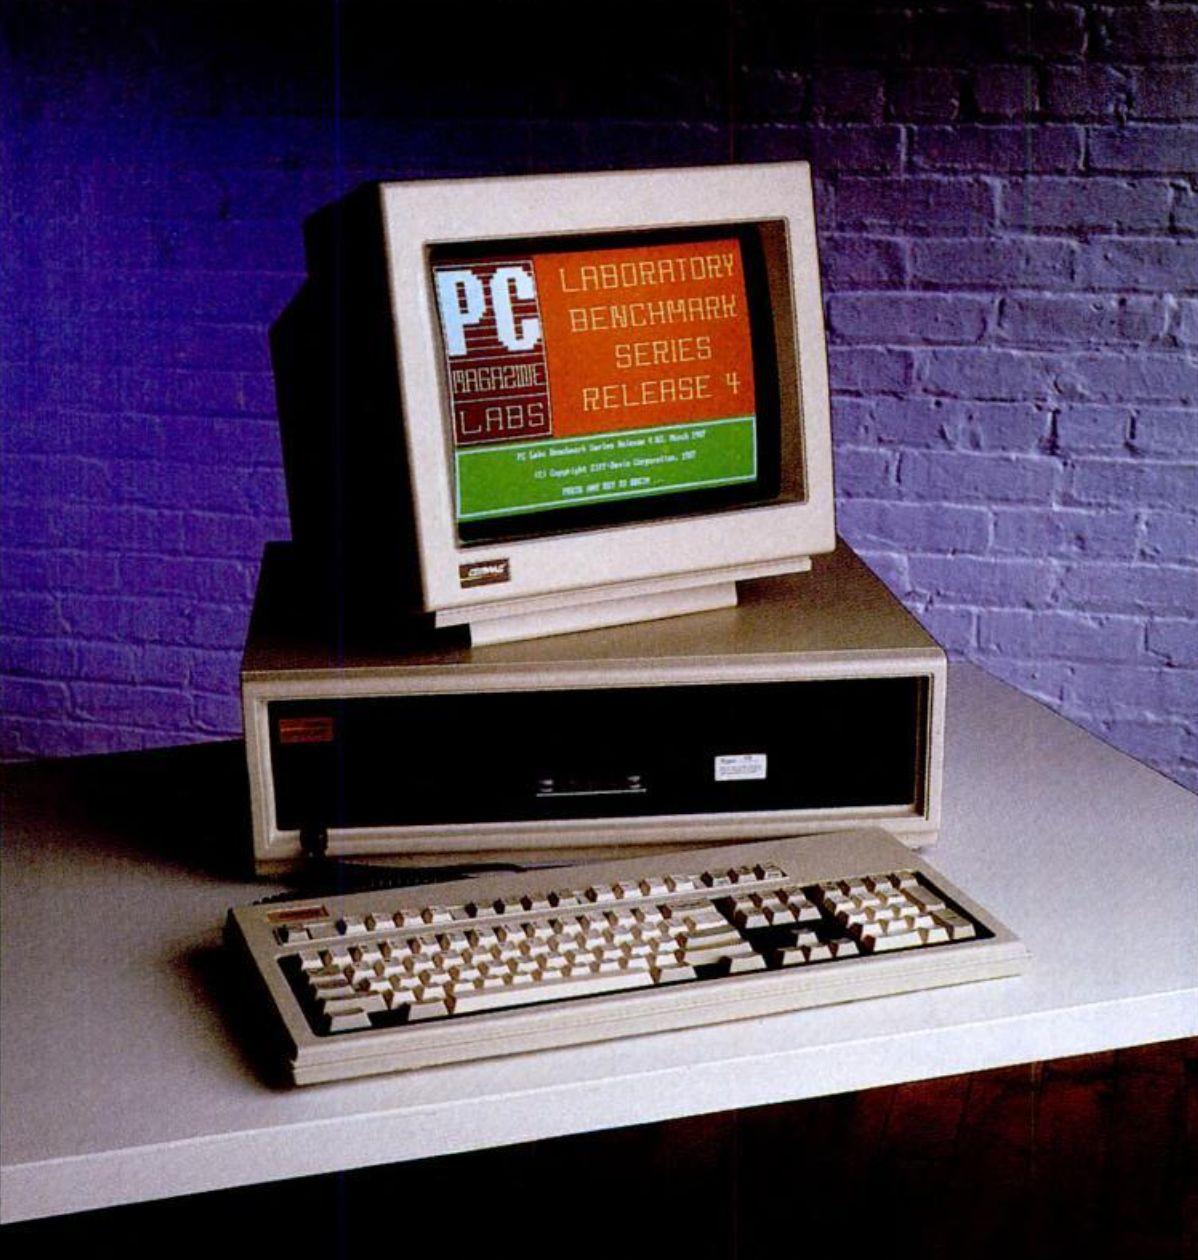 Древности: 20 лет компьютерных технологий в публикациях СМИ - 5